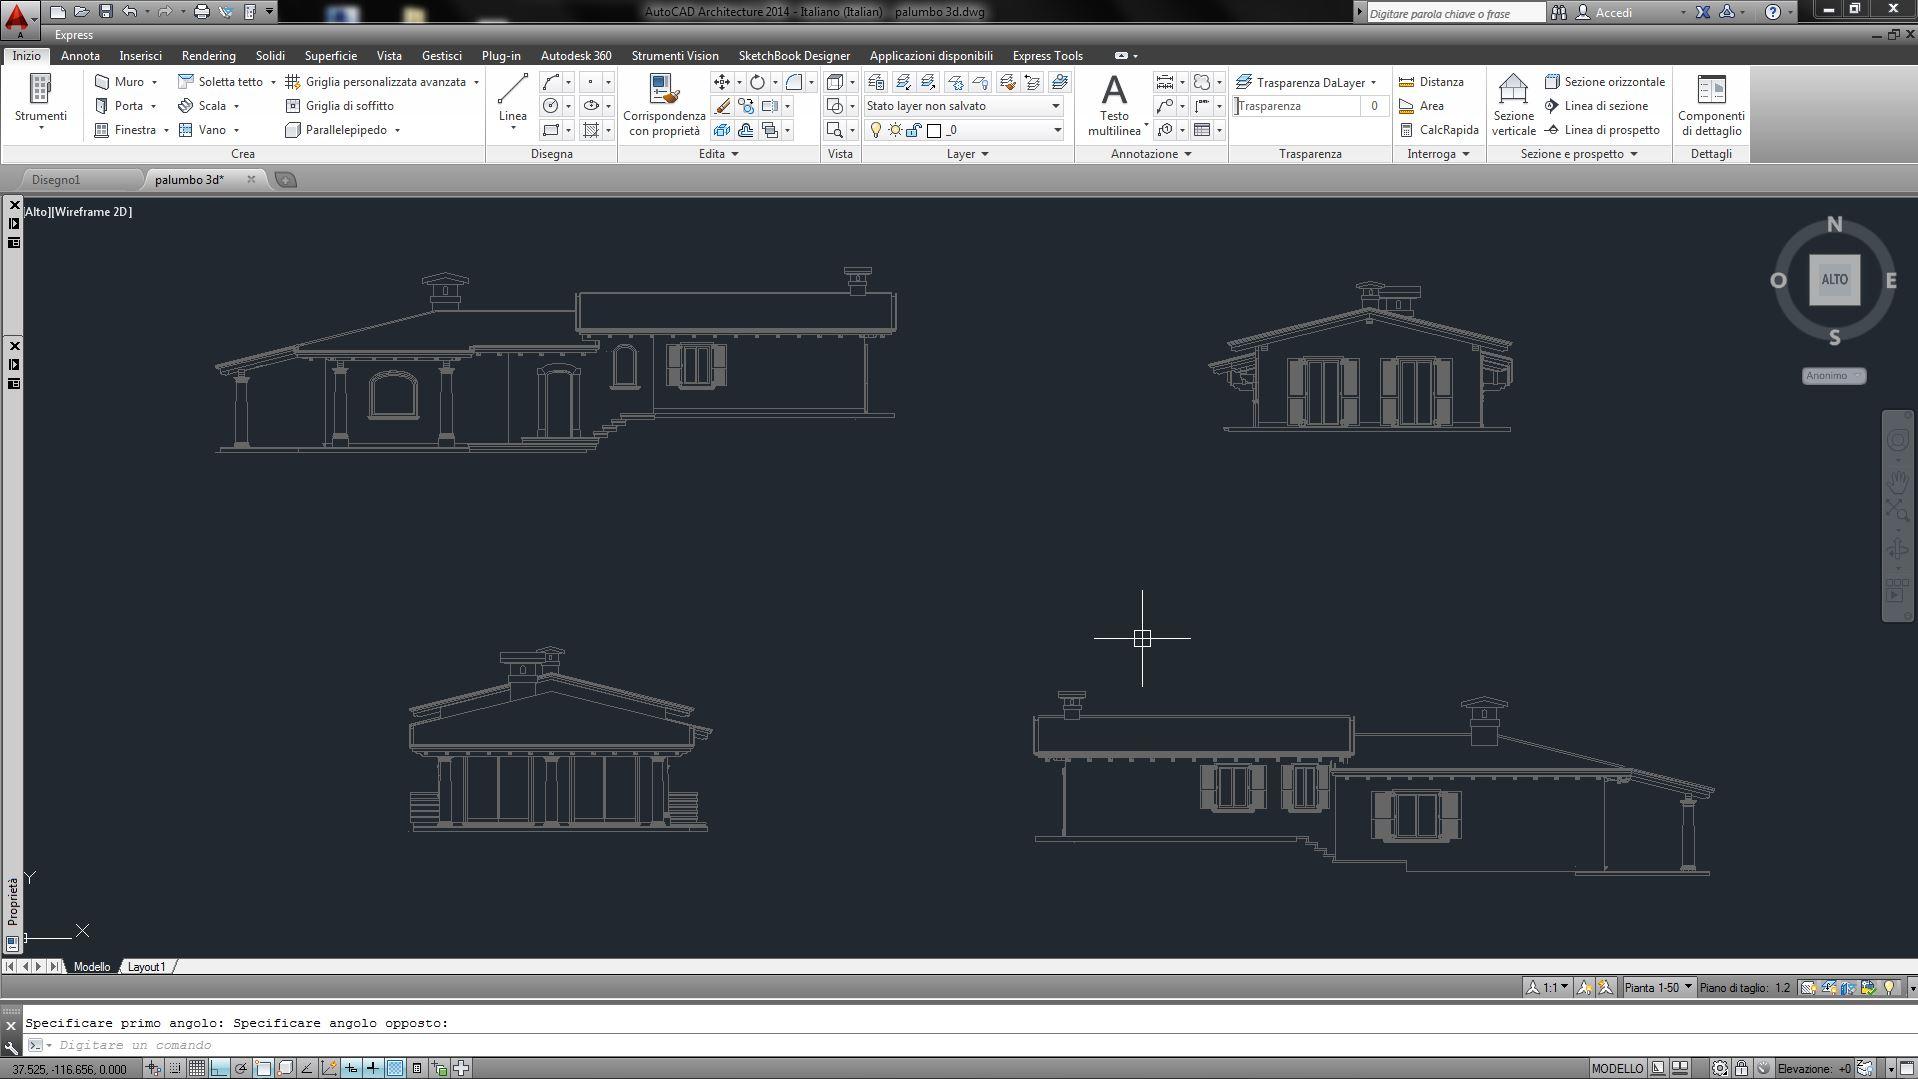 3d architettonici da autocad a 3ds max - 3ds max